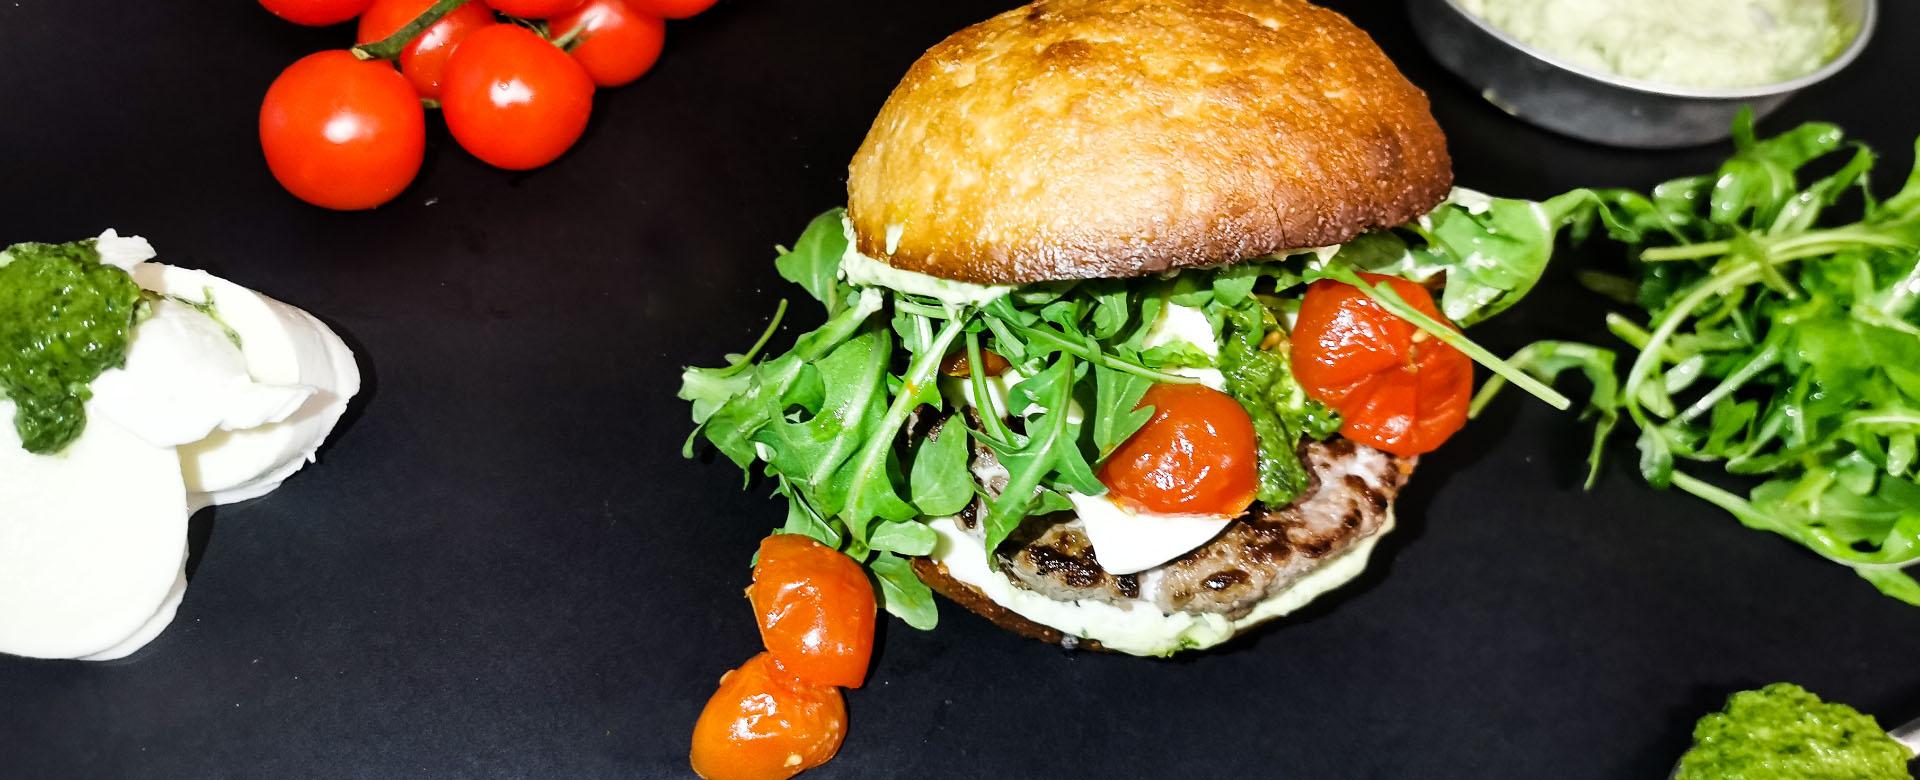 Vista dall'alto di ITALO: un hamburger senza glutine con rucola, mozzarella e pomodori confit da ordinare a domicilio